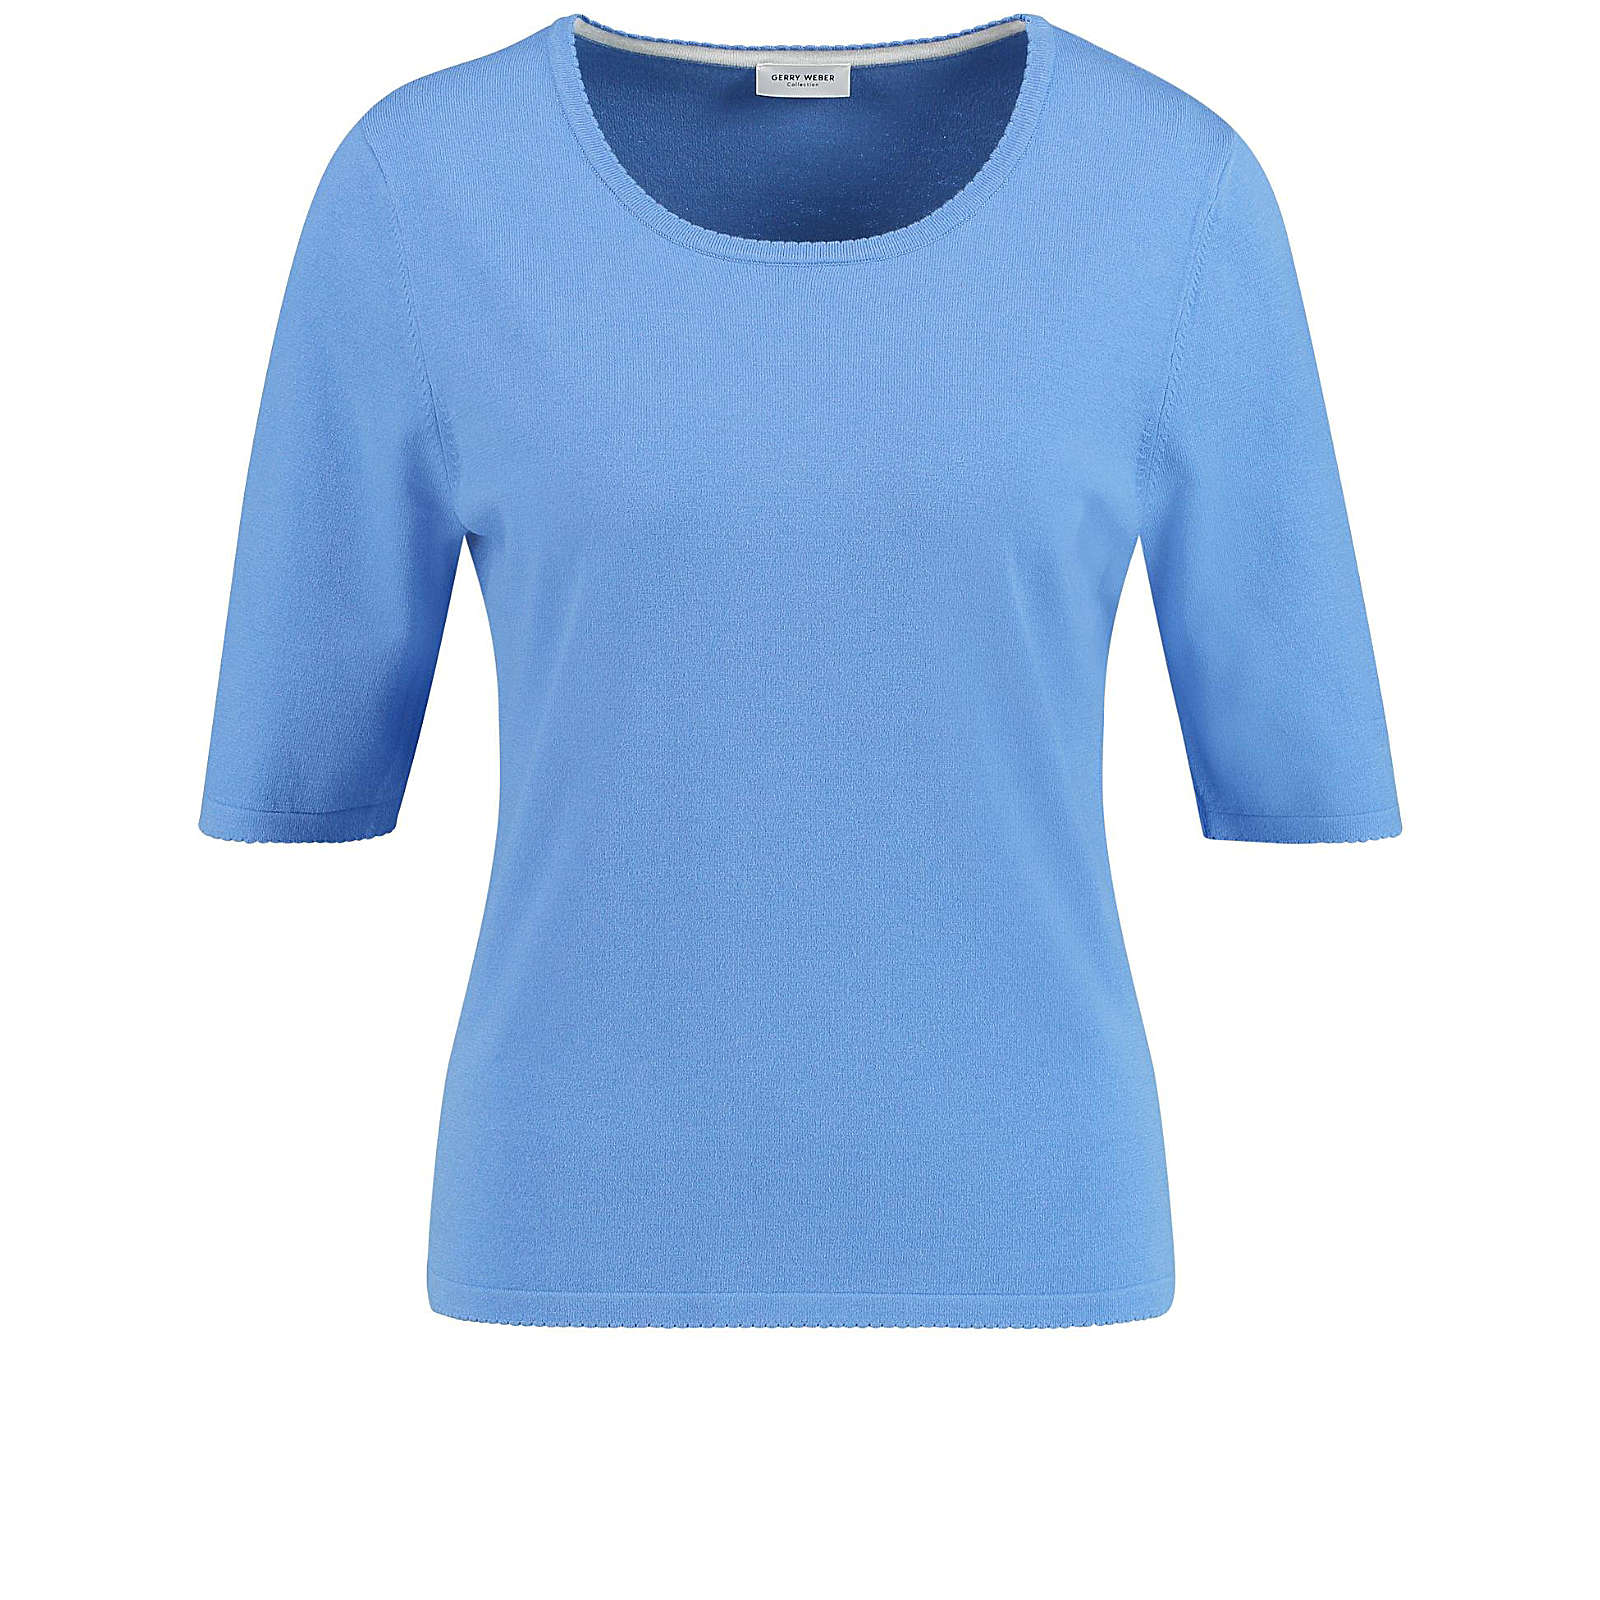 Gerry Weber Strick, Shirt, Top, Body Kurzarm-Pullover blau Damen Gr. 42